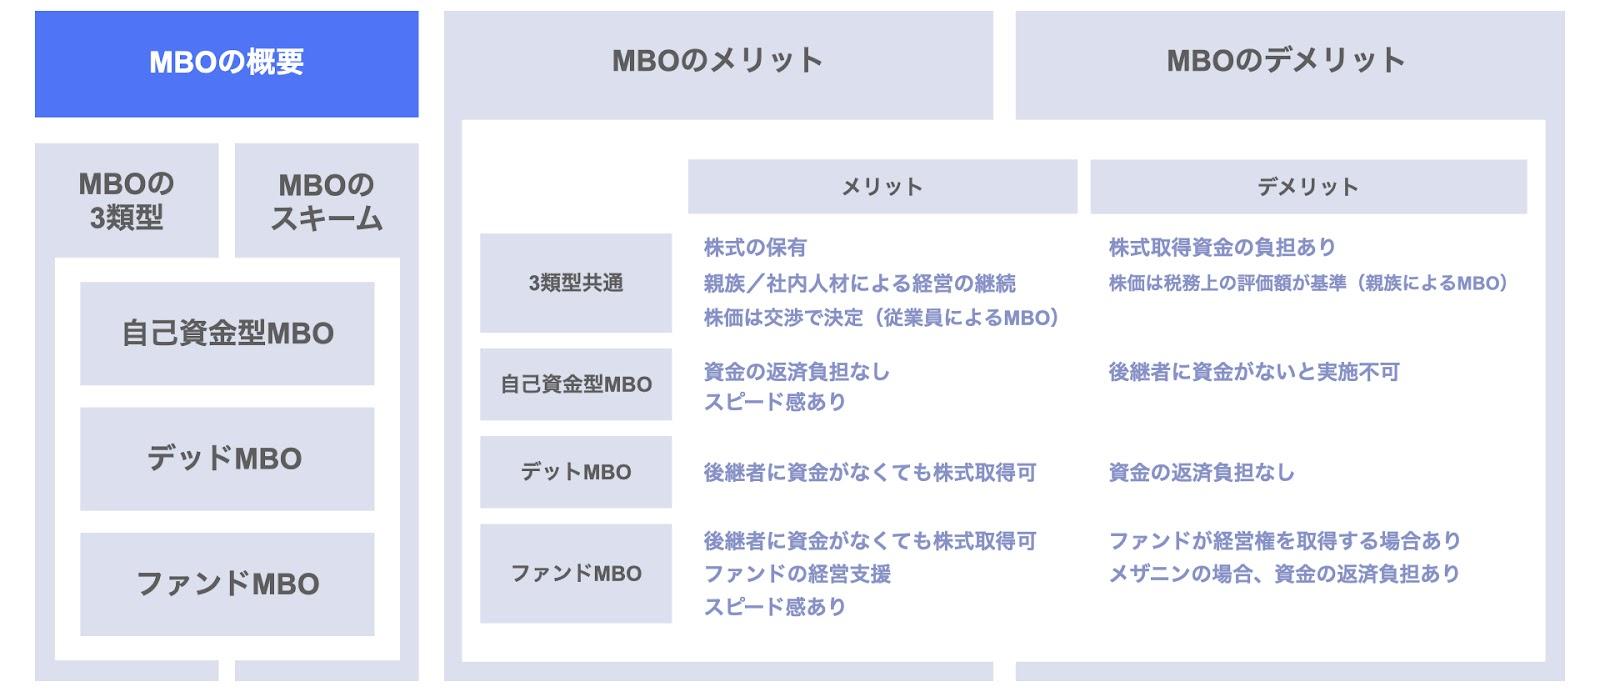 MBOの概要